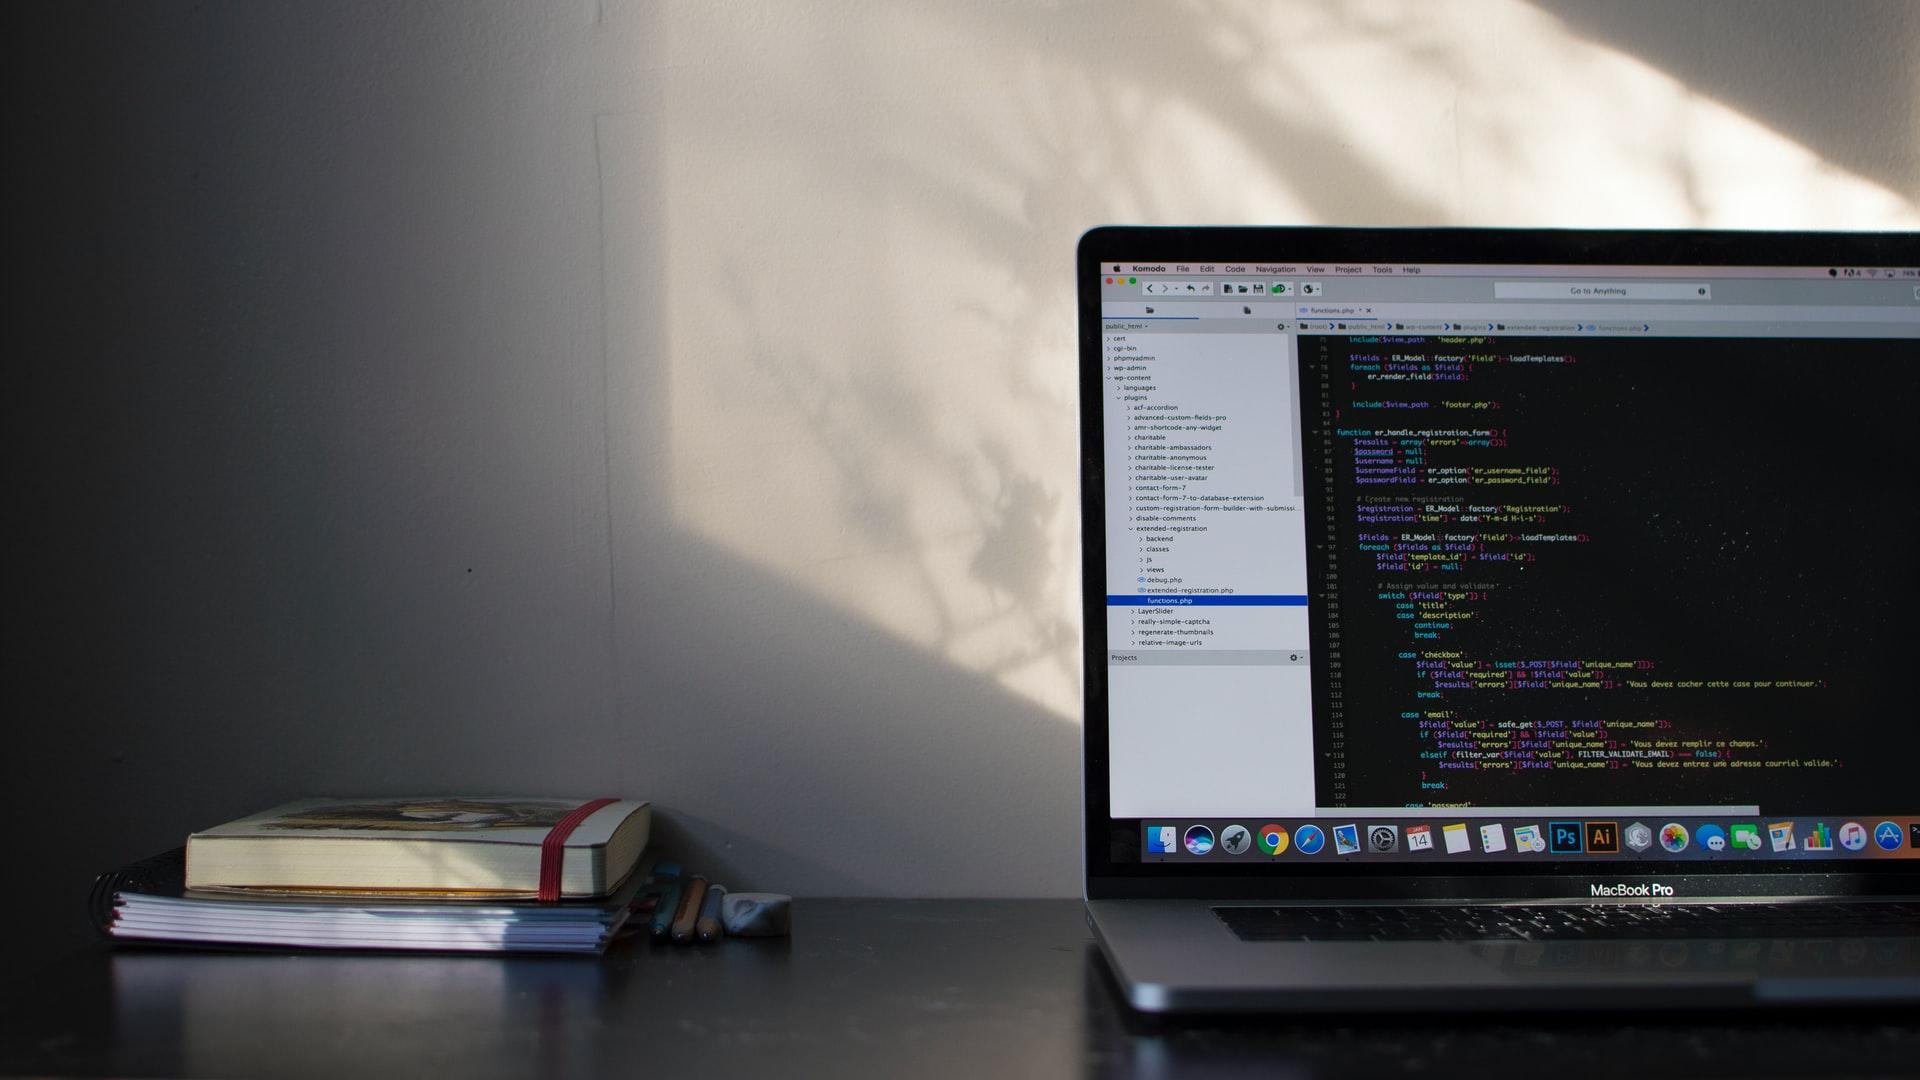 親テーマで定義されている関数を子テーマのfunctions.phpで上書きする方法